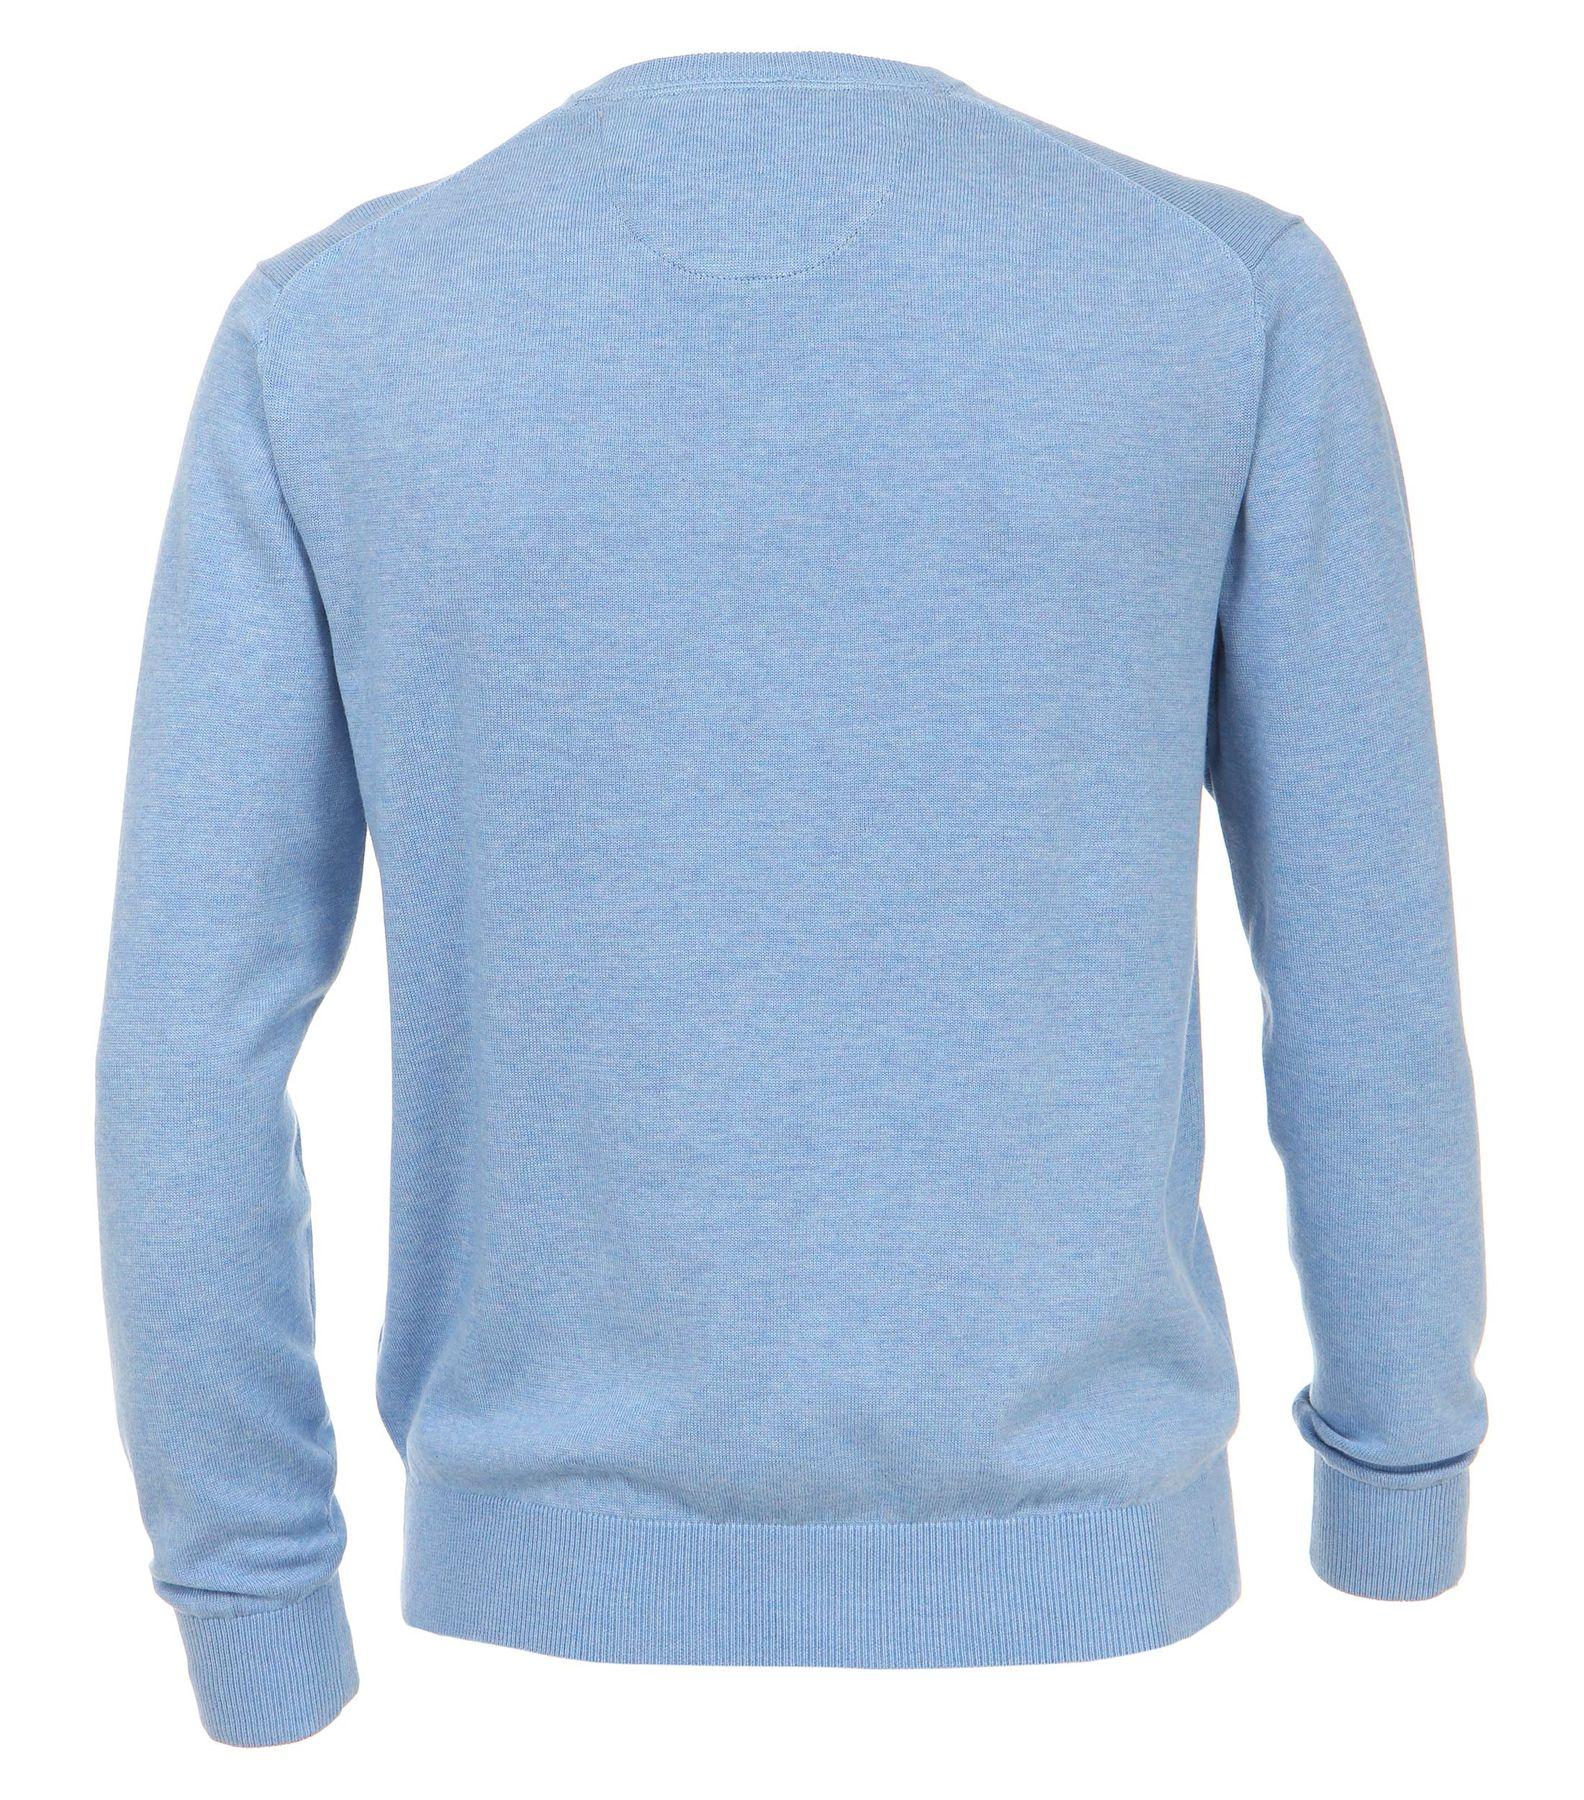 Casa Moda - Herren Pullover mit V-Ausschnitt in verschiedenen Farben (004130) – Bild 2